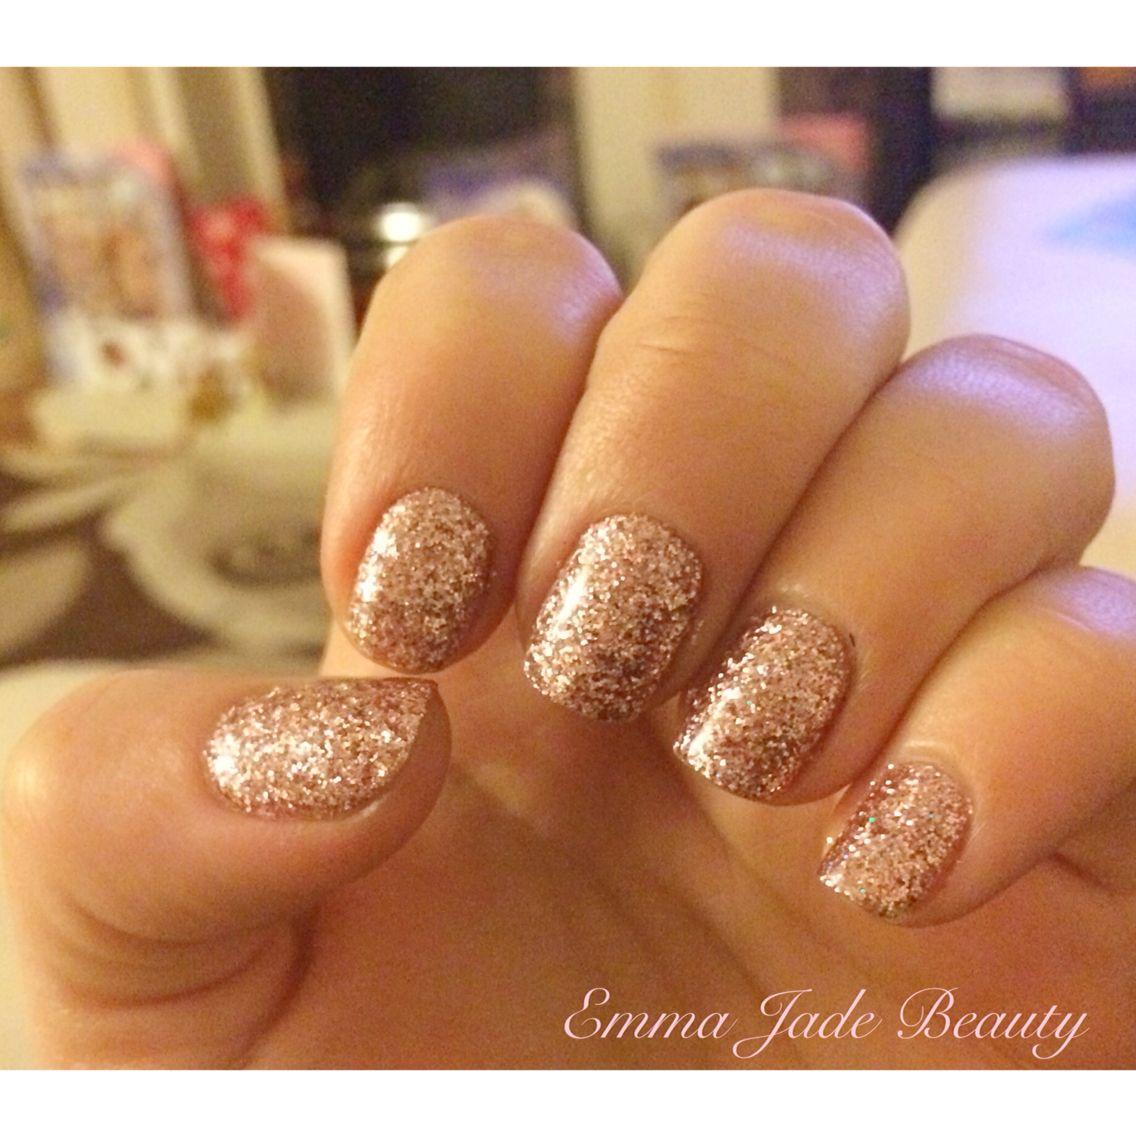 Rose Gold Shellac Rockstar Nails Gold Toe Nails Rose Gold Nails Acrylic Gold Acrylic Nails